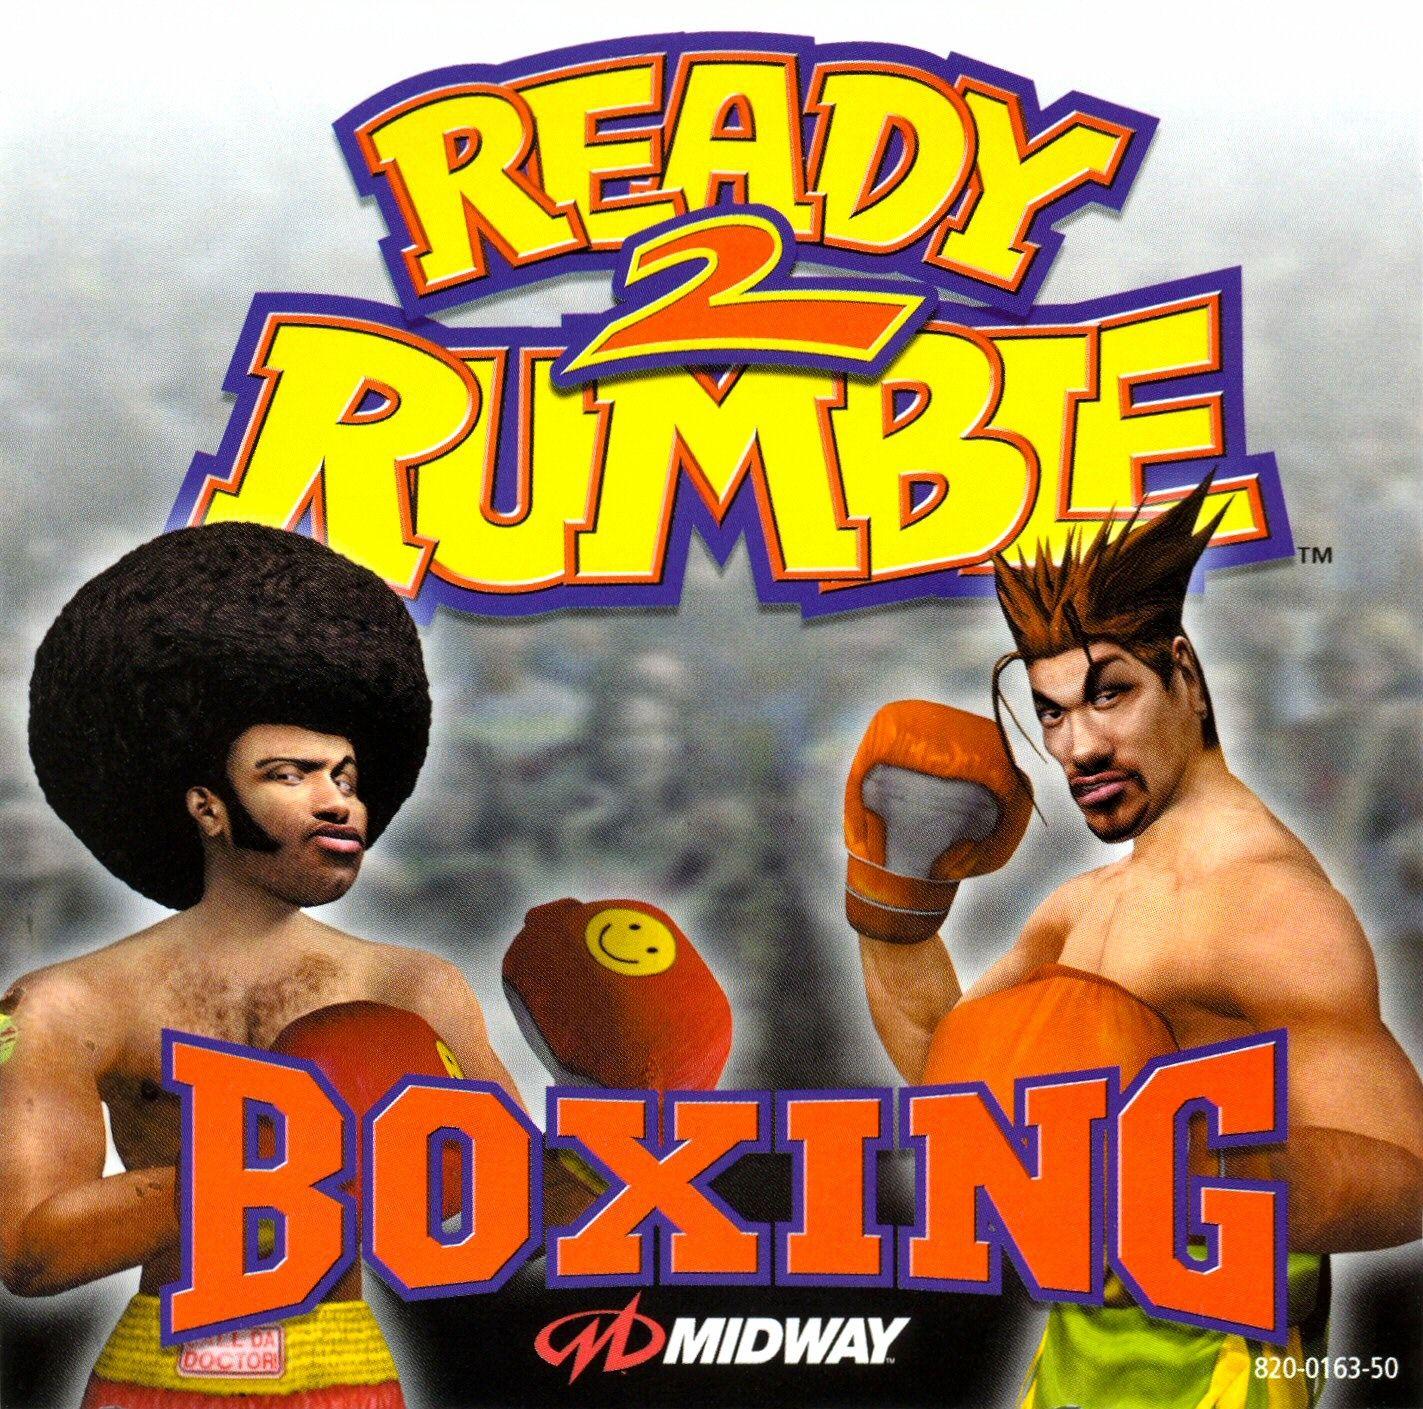 [Jeu] Suite d'images !  - Page 24 Ready_2_Rumble_Boxing